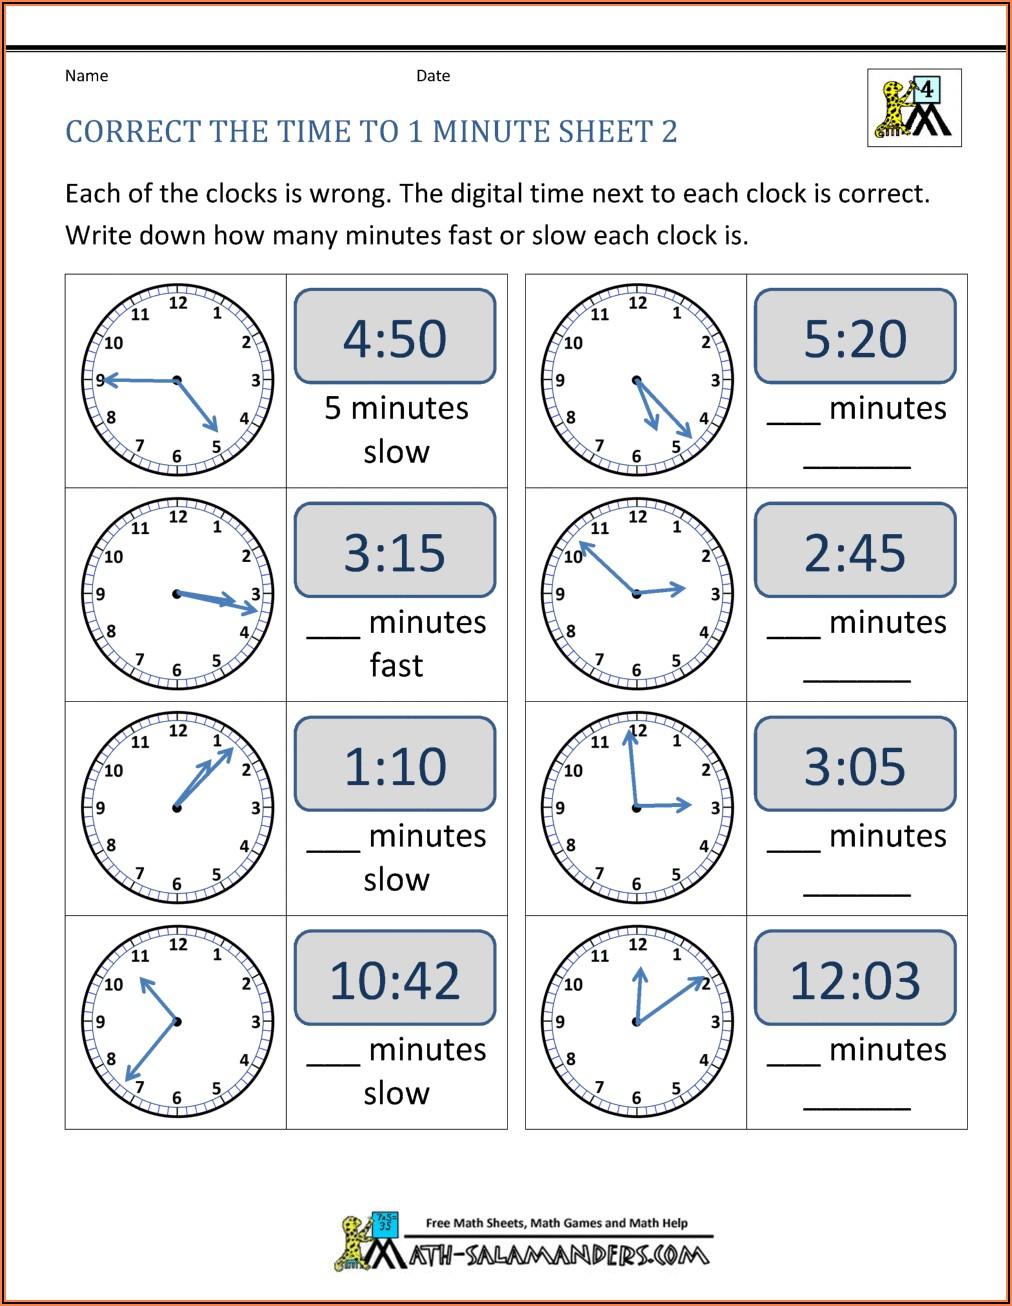 Digital Time Worksheets For Grade 4